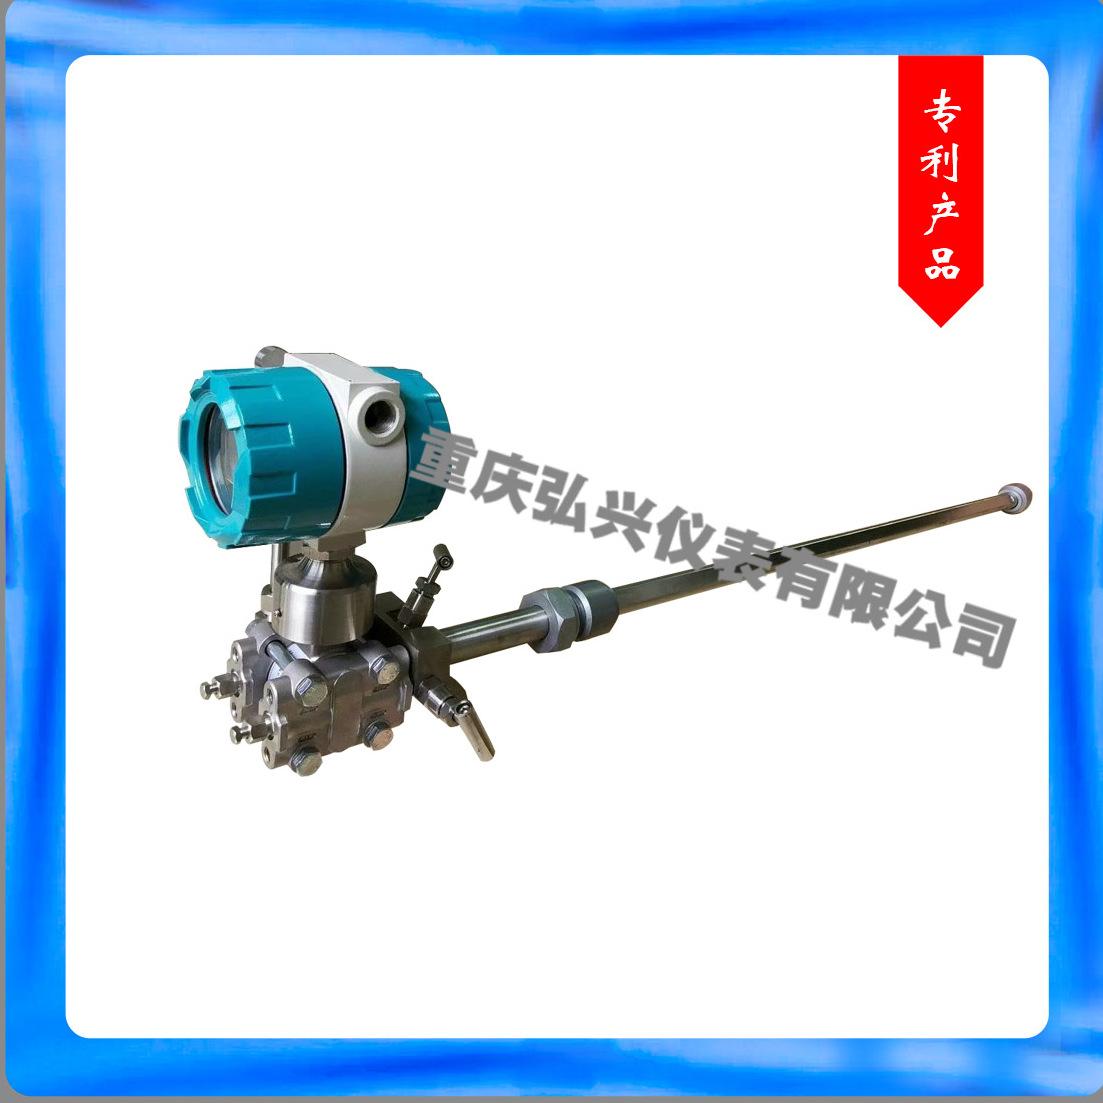 重庆多参量变送器|流量变送器|智能差压变送器|压力变送器|温度变送器|液位变送器